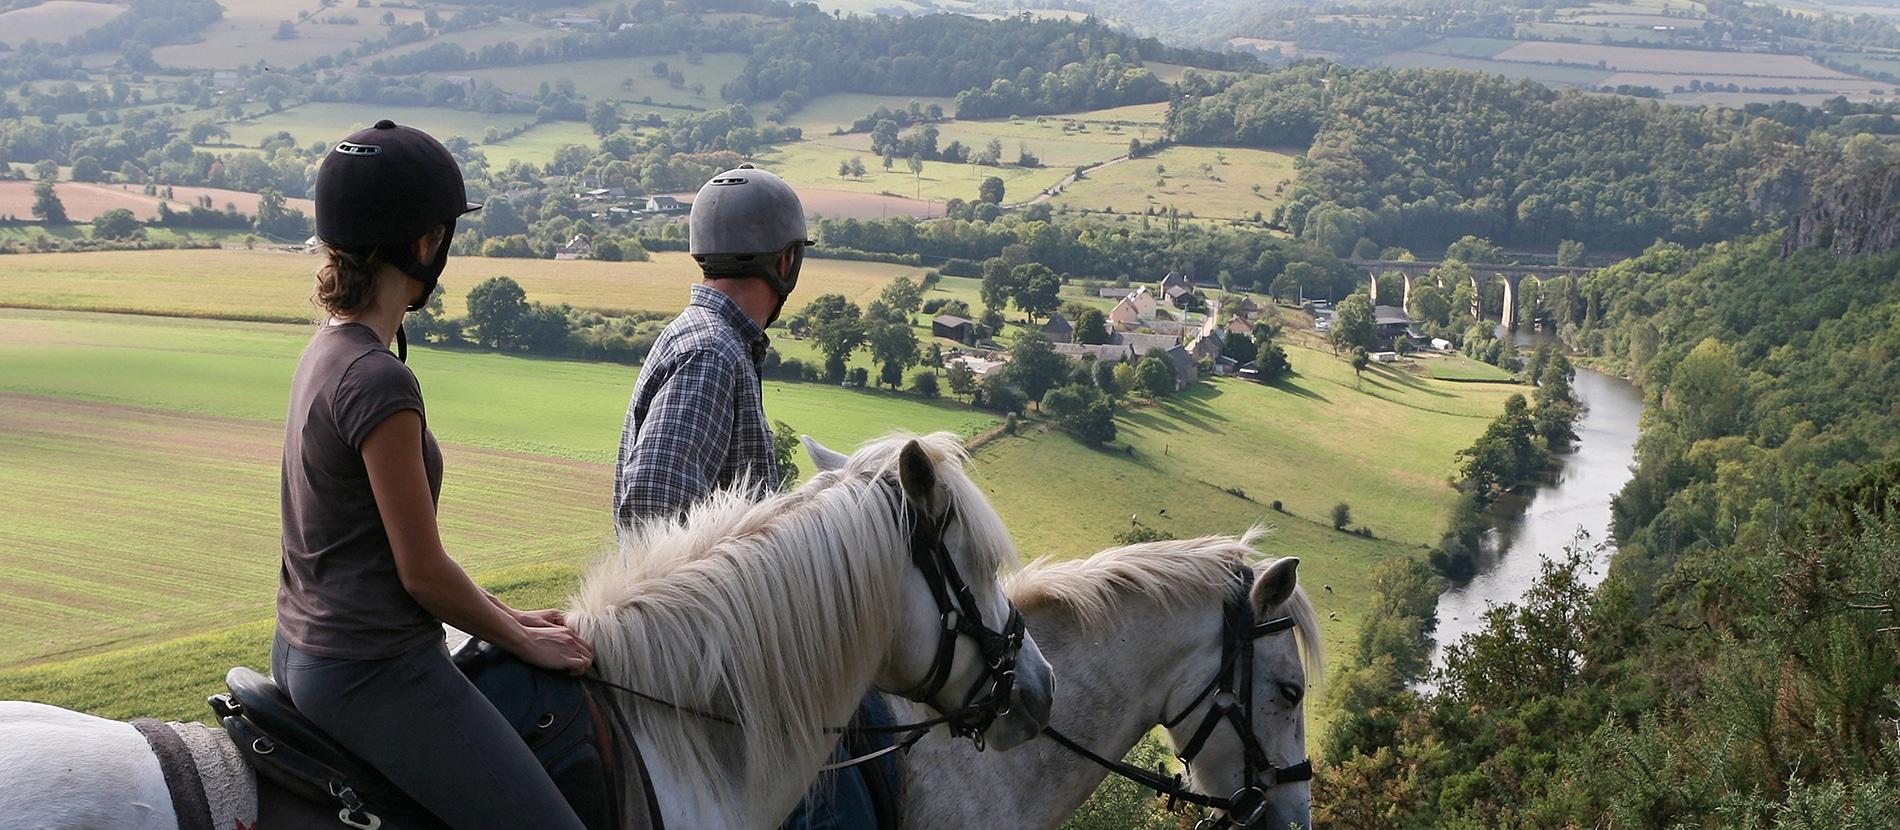 Cavaliers en balade à cheval à Clécy dans le Calvados en Normandie